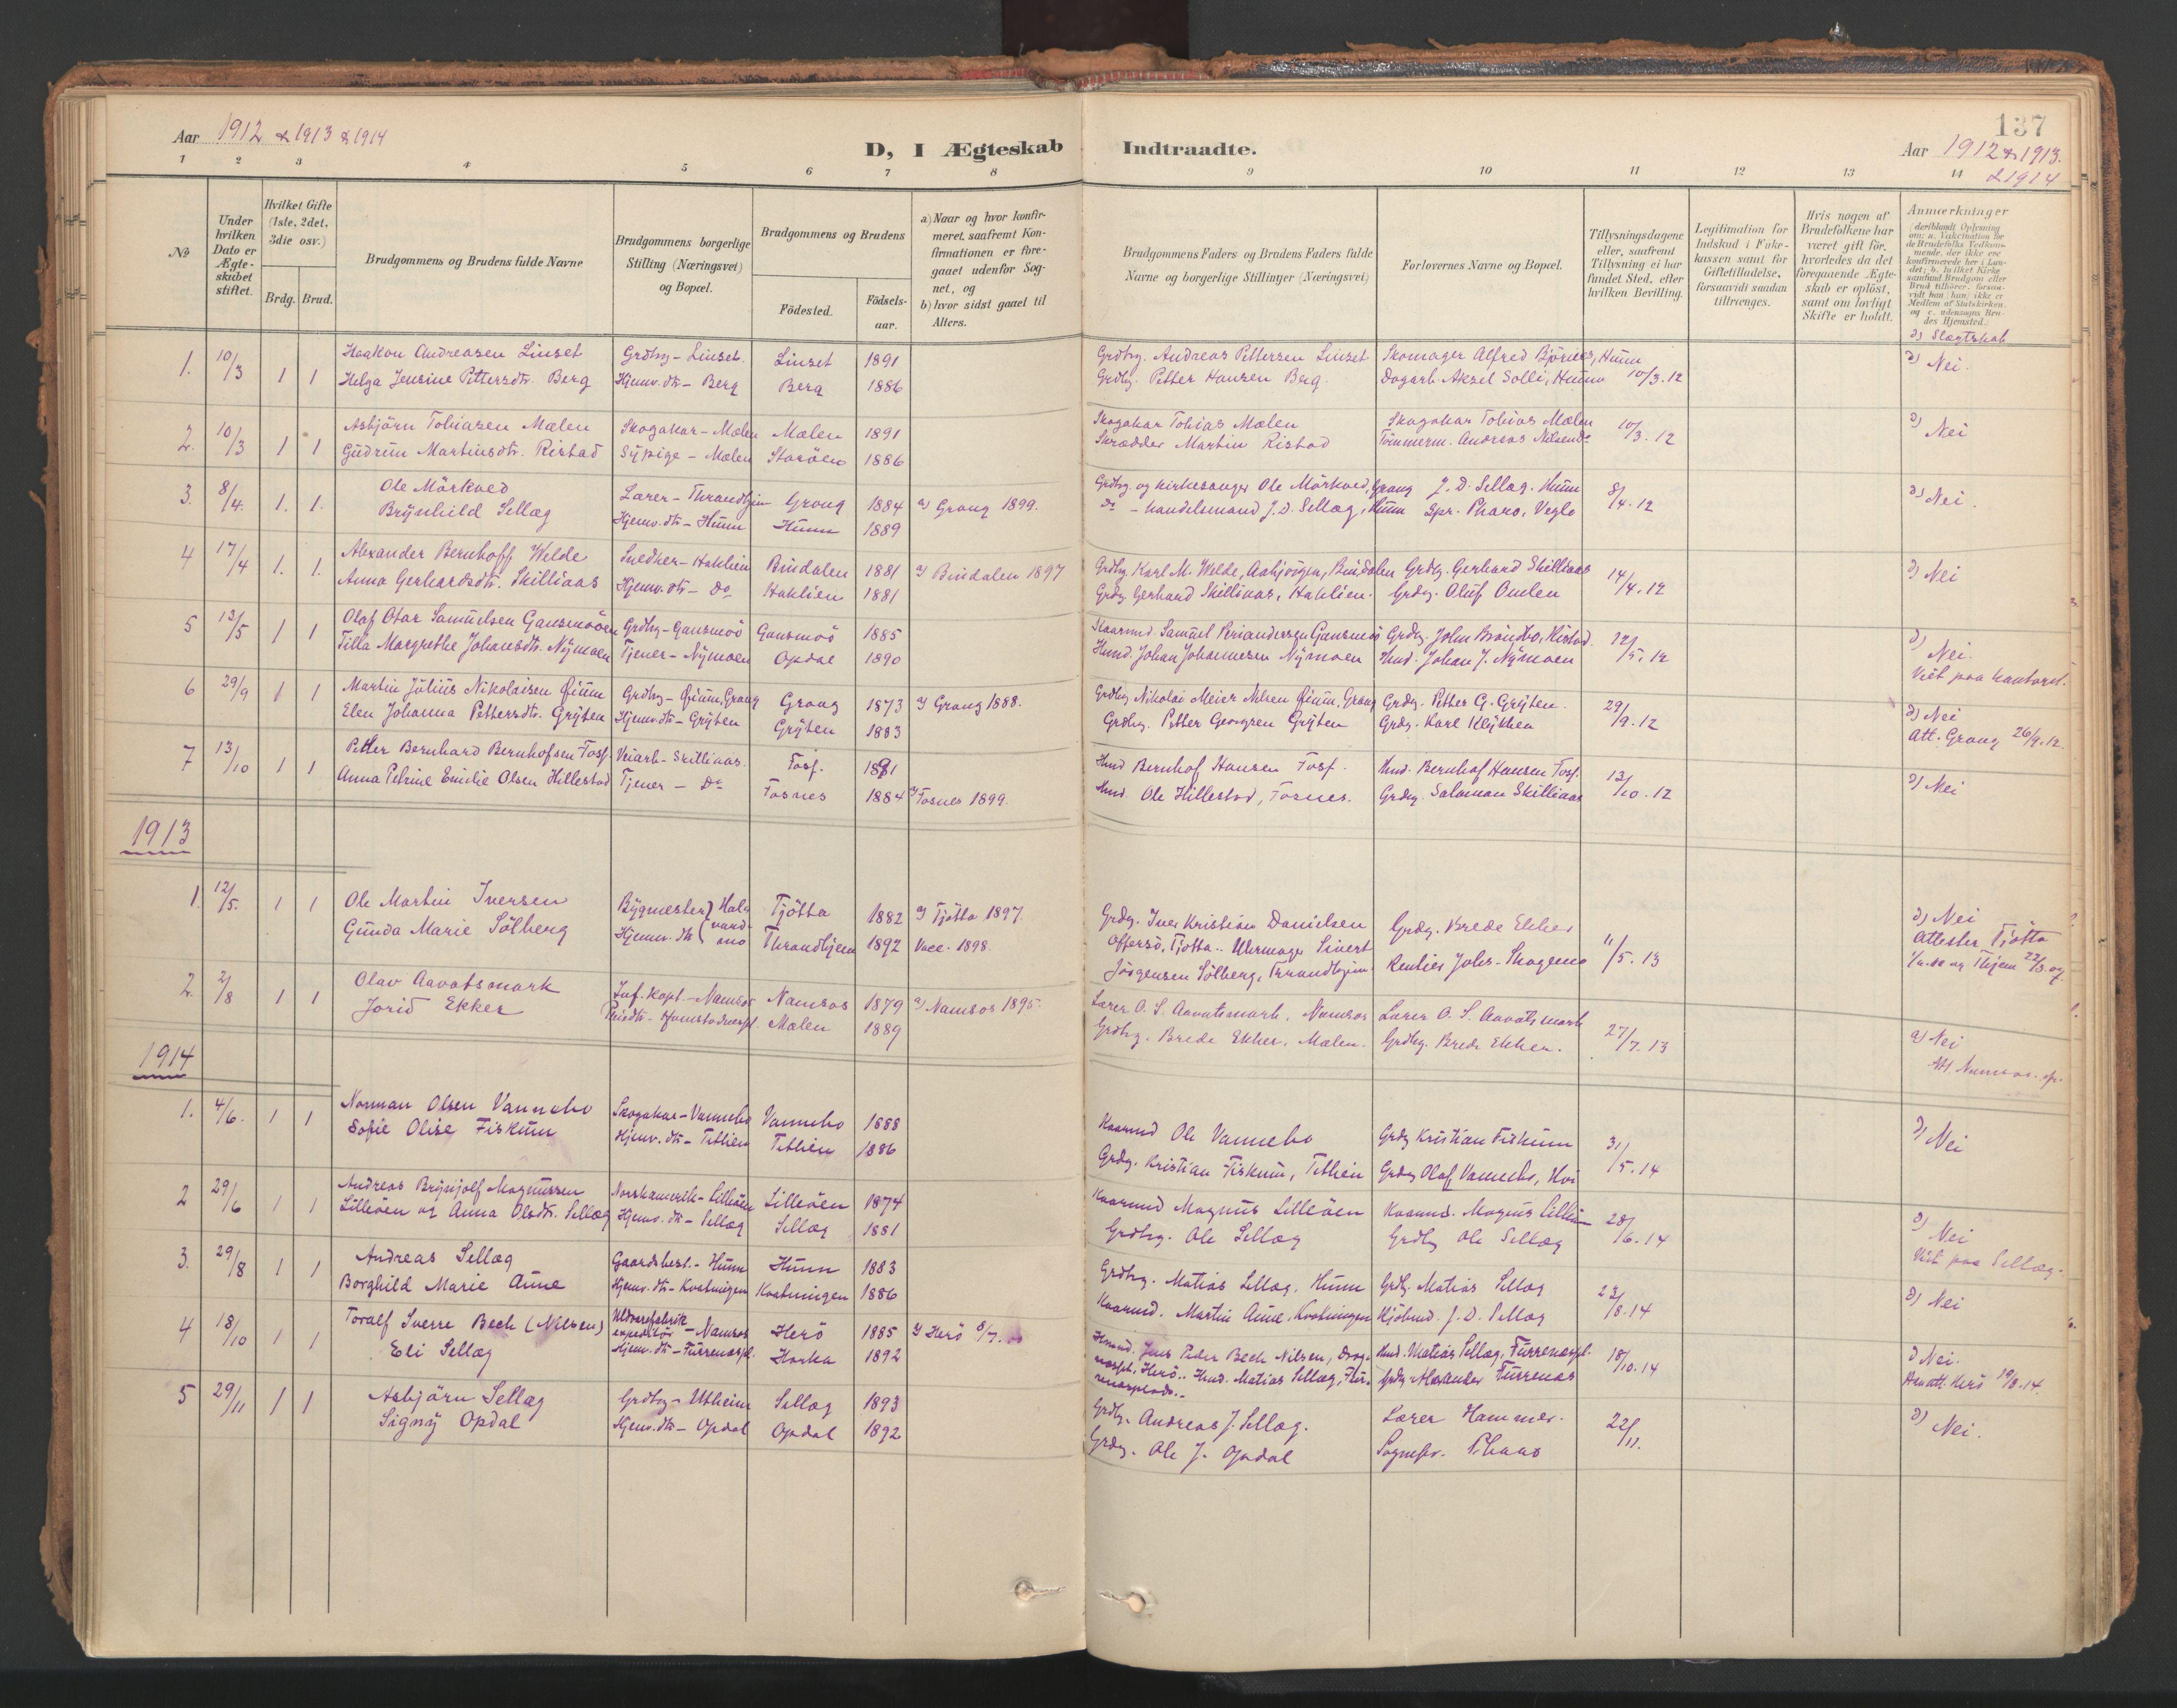 SAT, Ministerialprotokoller, klokkerbøker og fødselsregistre - Nord-Trøndelag, 766/L0564: Ministerialbok nr. 767A02, 1900-1932, s. 137